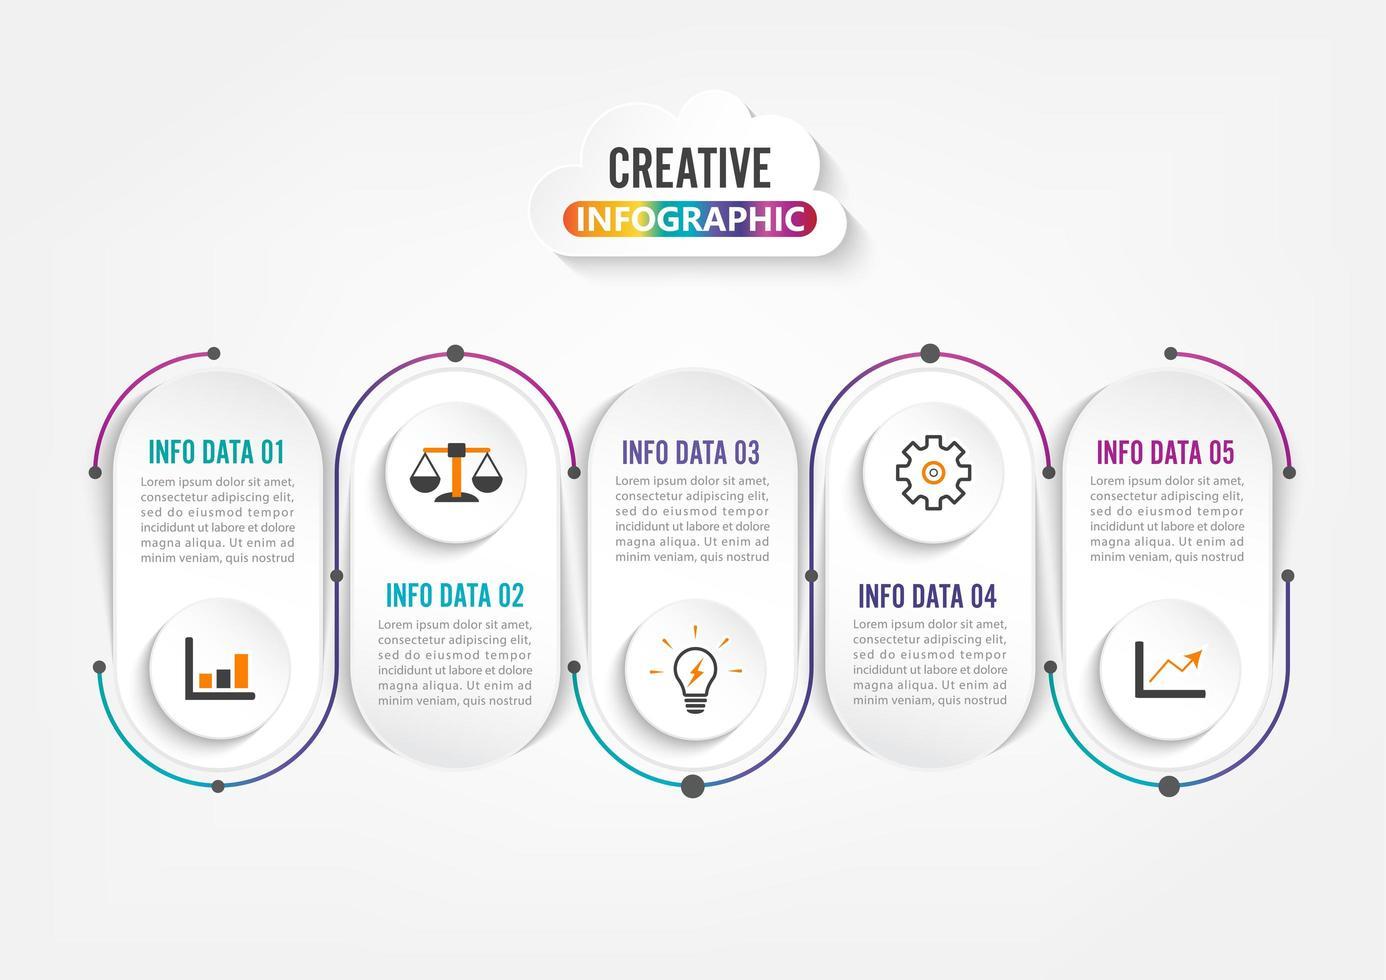 Infografía de cinco pasos. Plantilla para folleto, negocios, diseño web. vector